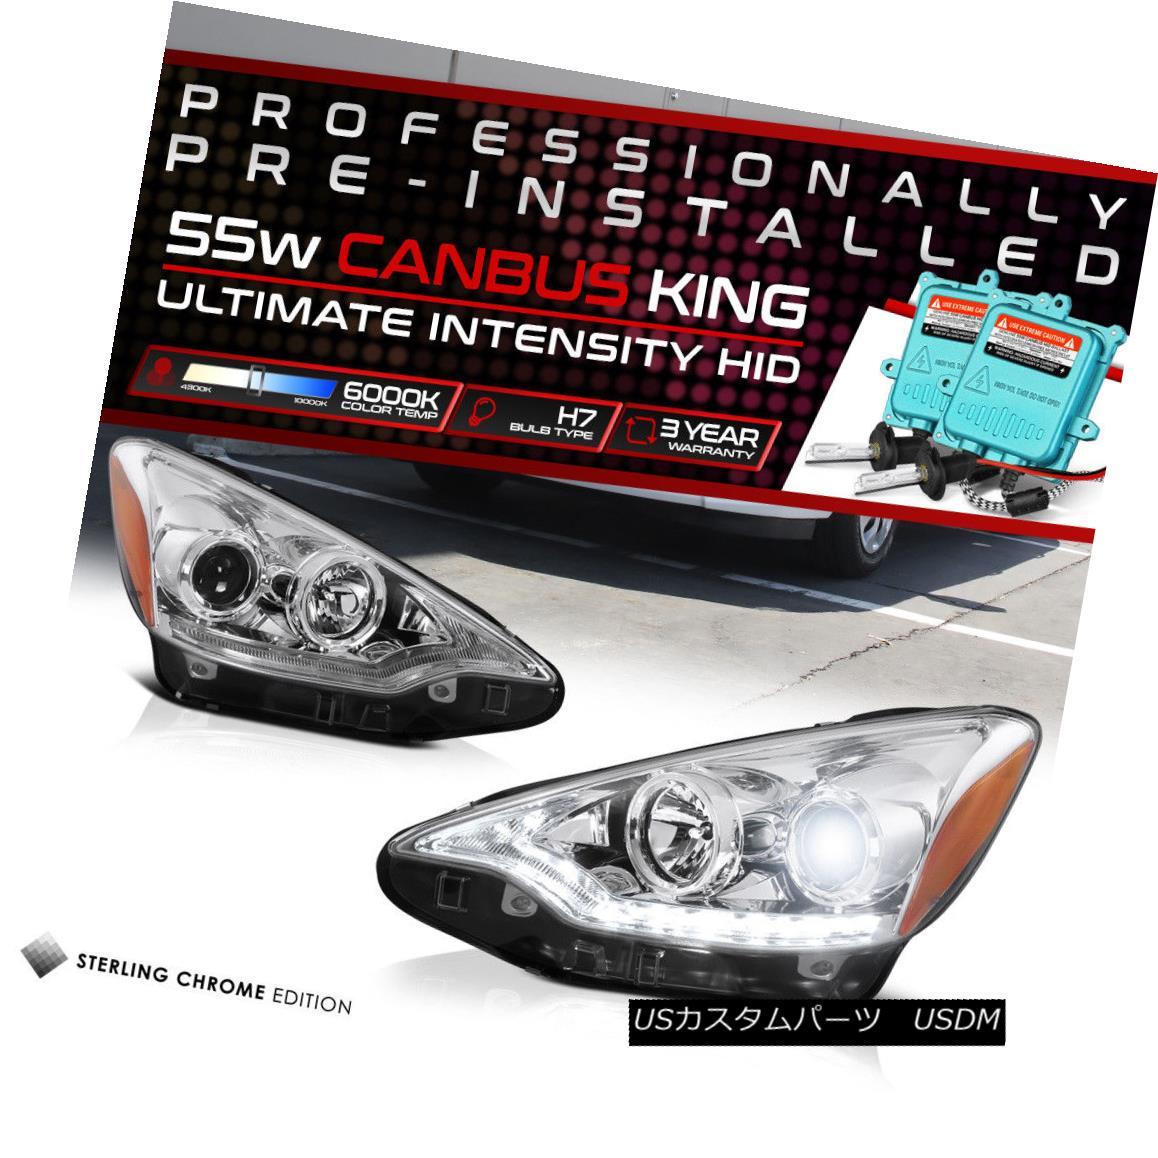 ヘッドライト [BUILT-IN HID LOW BEAM] 2012-2014 Toyota Prius C